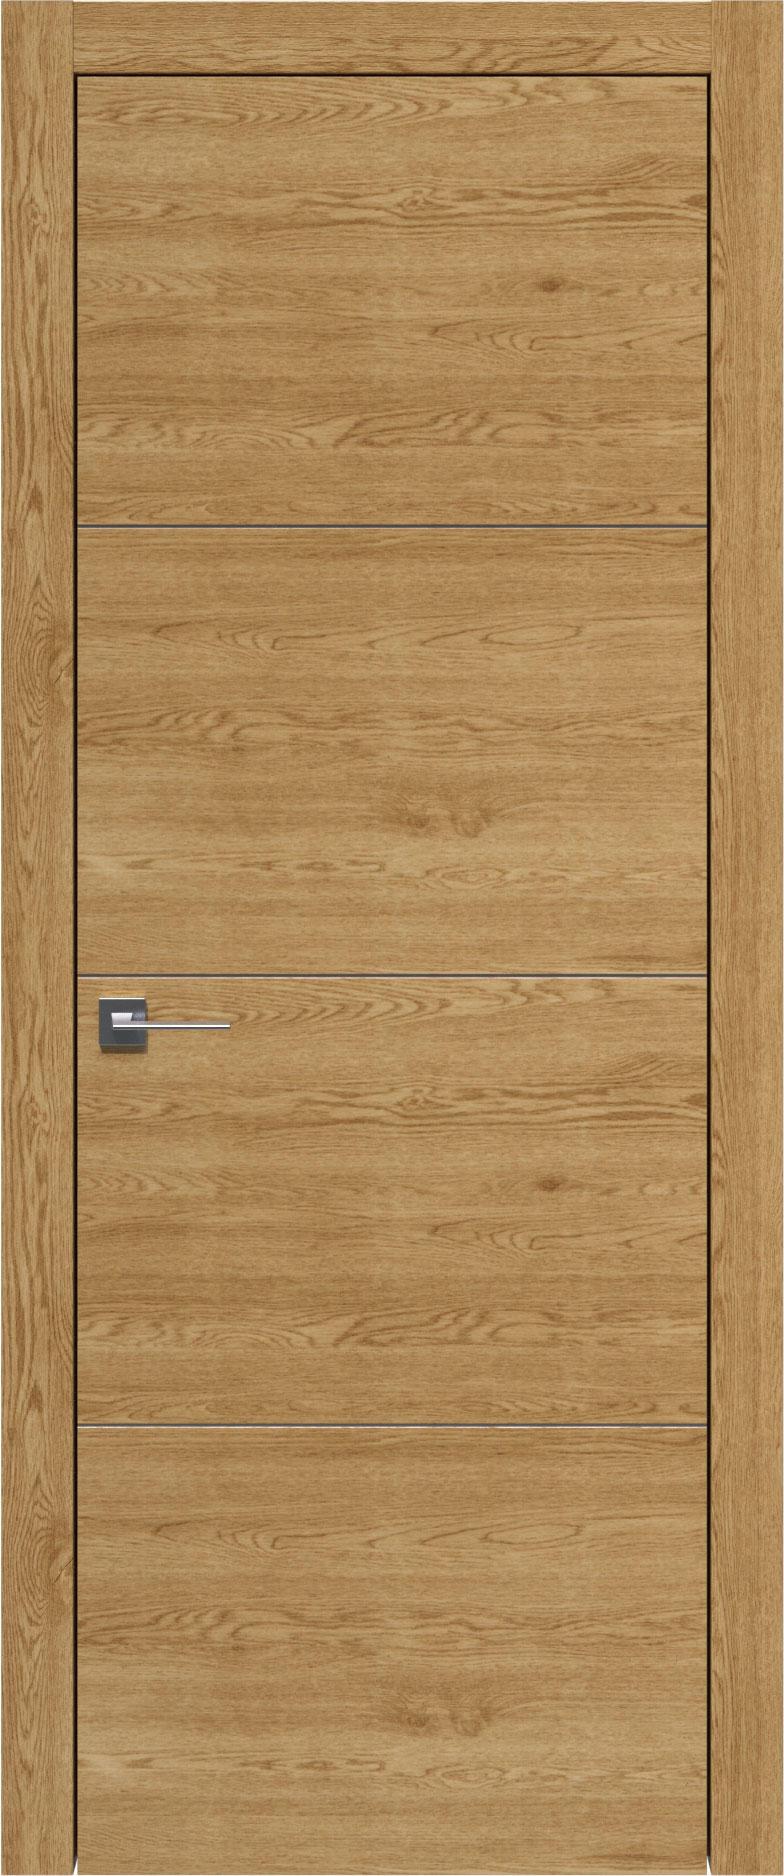 Tivoli Г-3 цвет - Дуб натуральный Без стекла (ДГ)